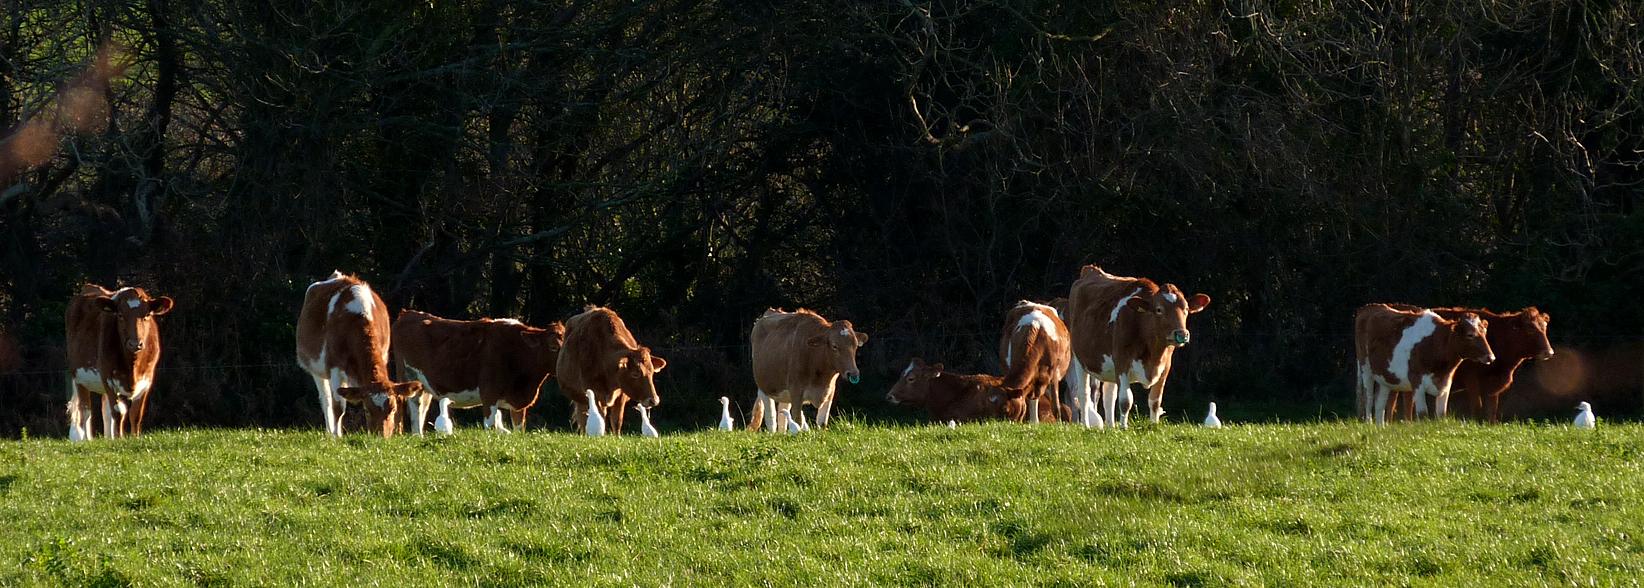 14 out of 15 Cattle Egrets - Raptor Ridge, Fauxquets - 22 Dec 16